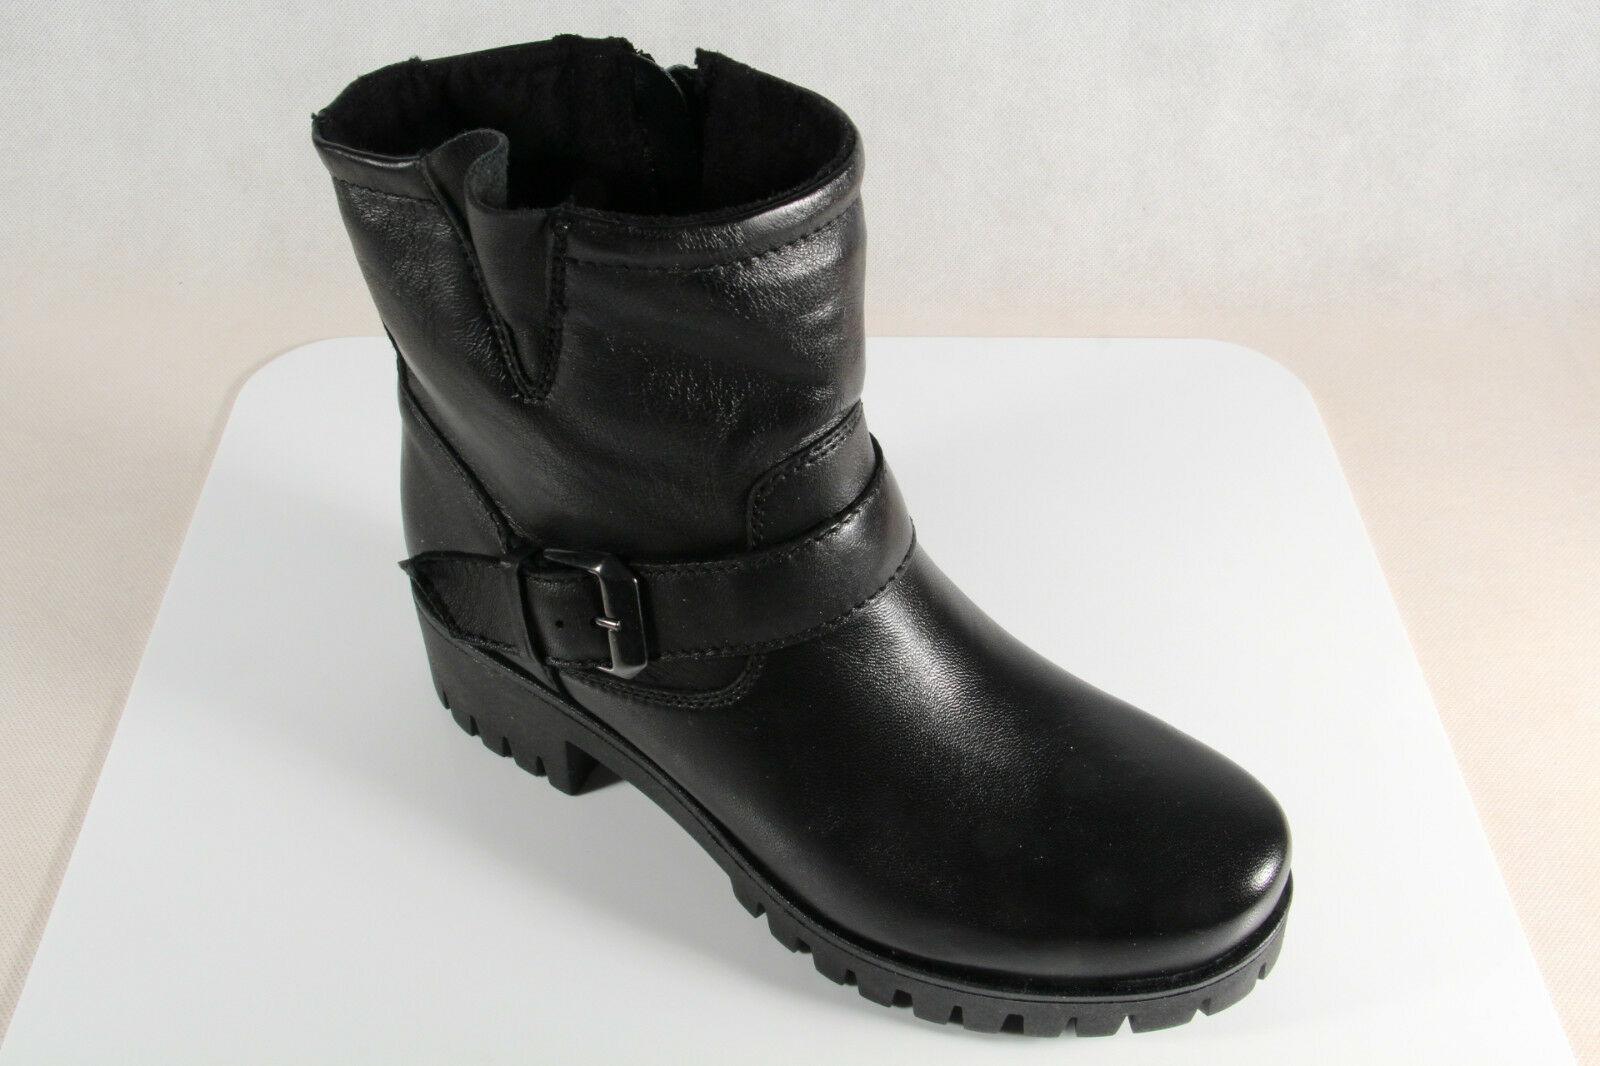 s.Oliver Damen Stiefelette Stiefel  Winterstiefel schwarz mit Reißverschluß  Stiefel NEU bf197f